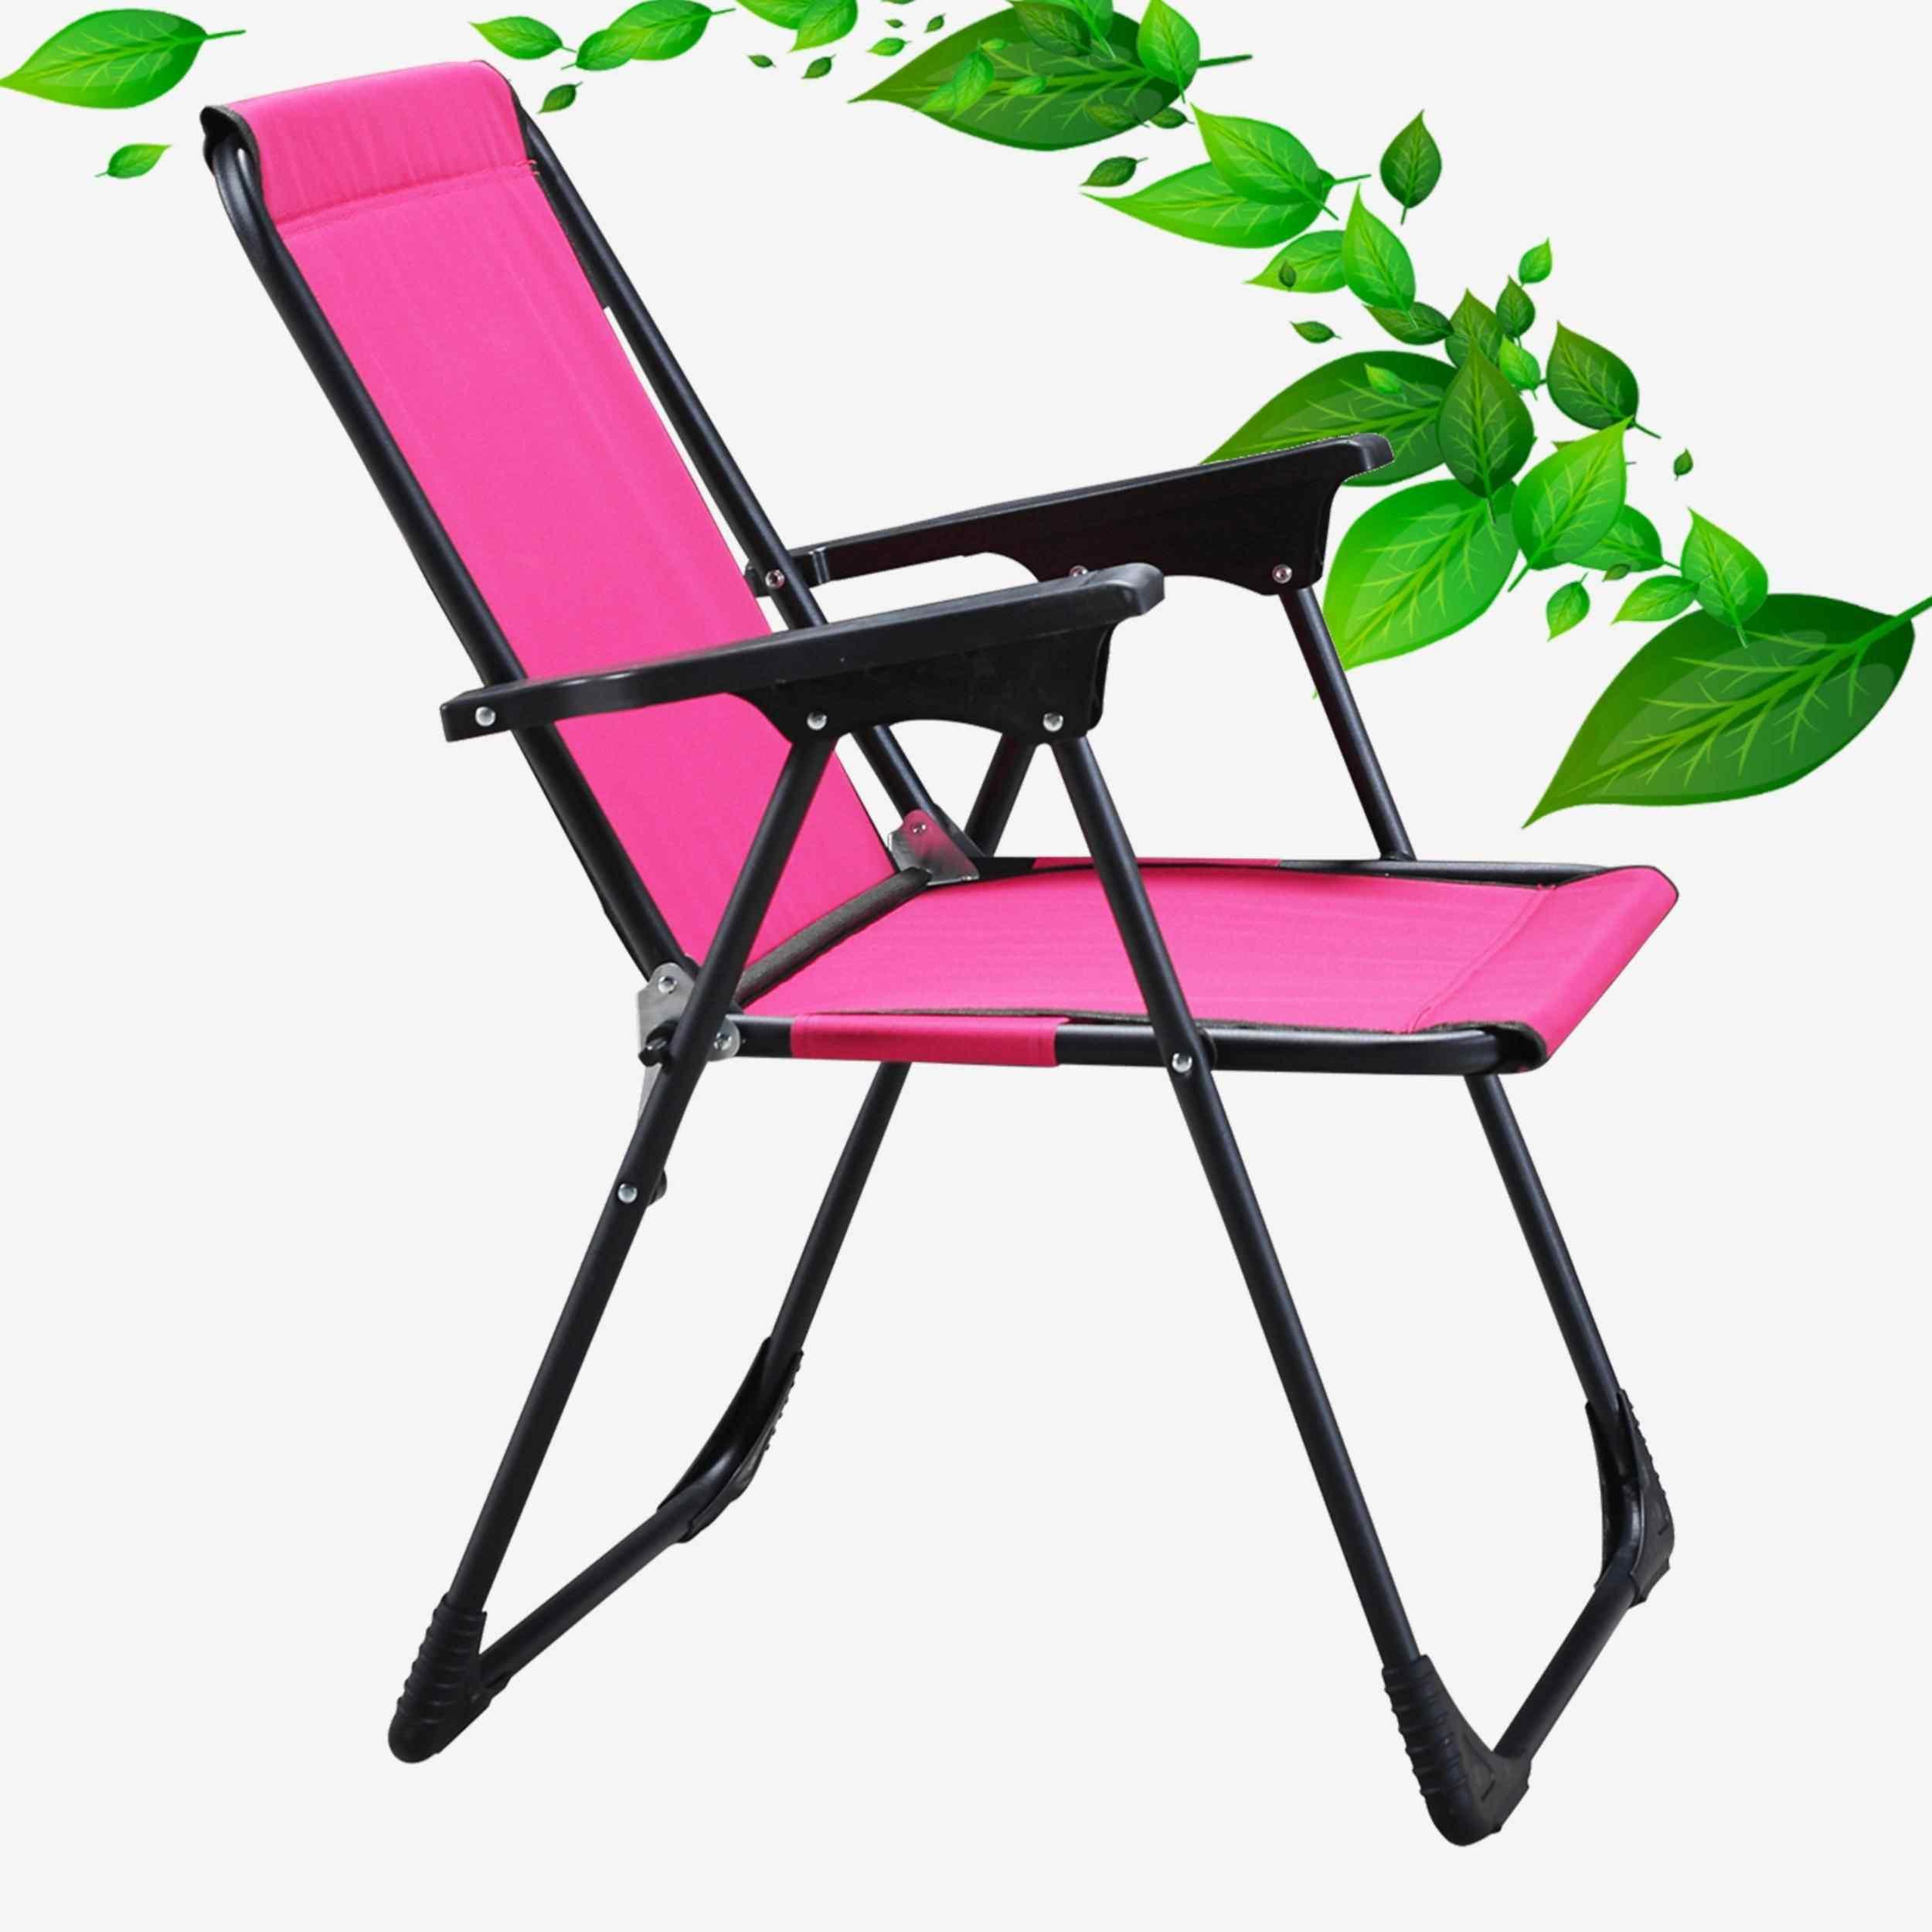 Star Katlanır Koltuk Piknik Plaj Sandalyesi Kamp Sandalyesi Pembe